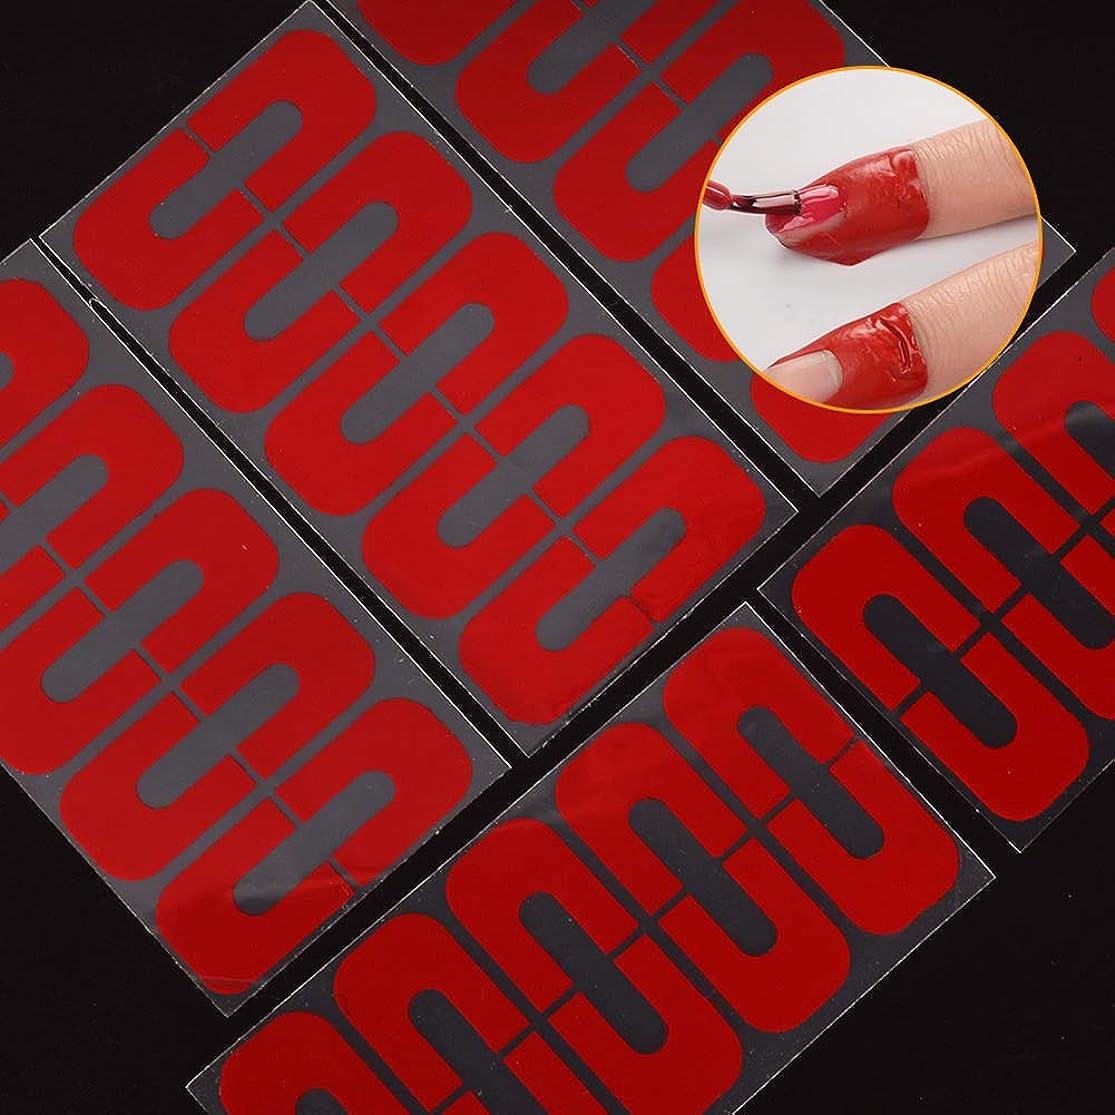 信条控えるケントhamulekfae-50個使い捨てU字型こぼれ防止ネイルプロテクター弾性指カバーステッカー - 赤50個Red50pcs